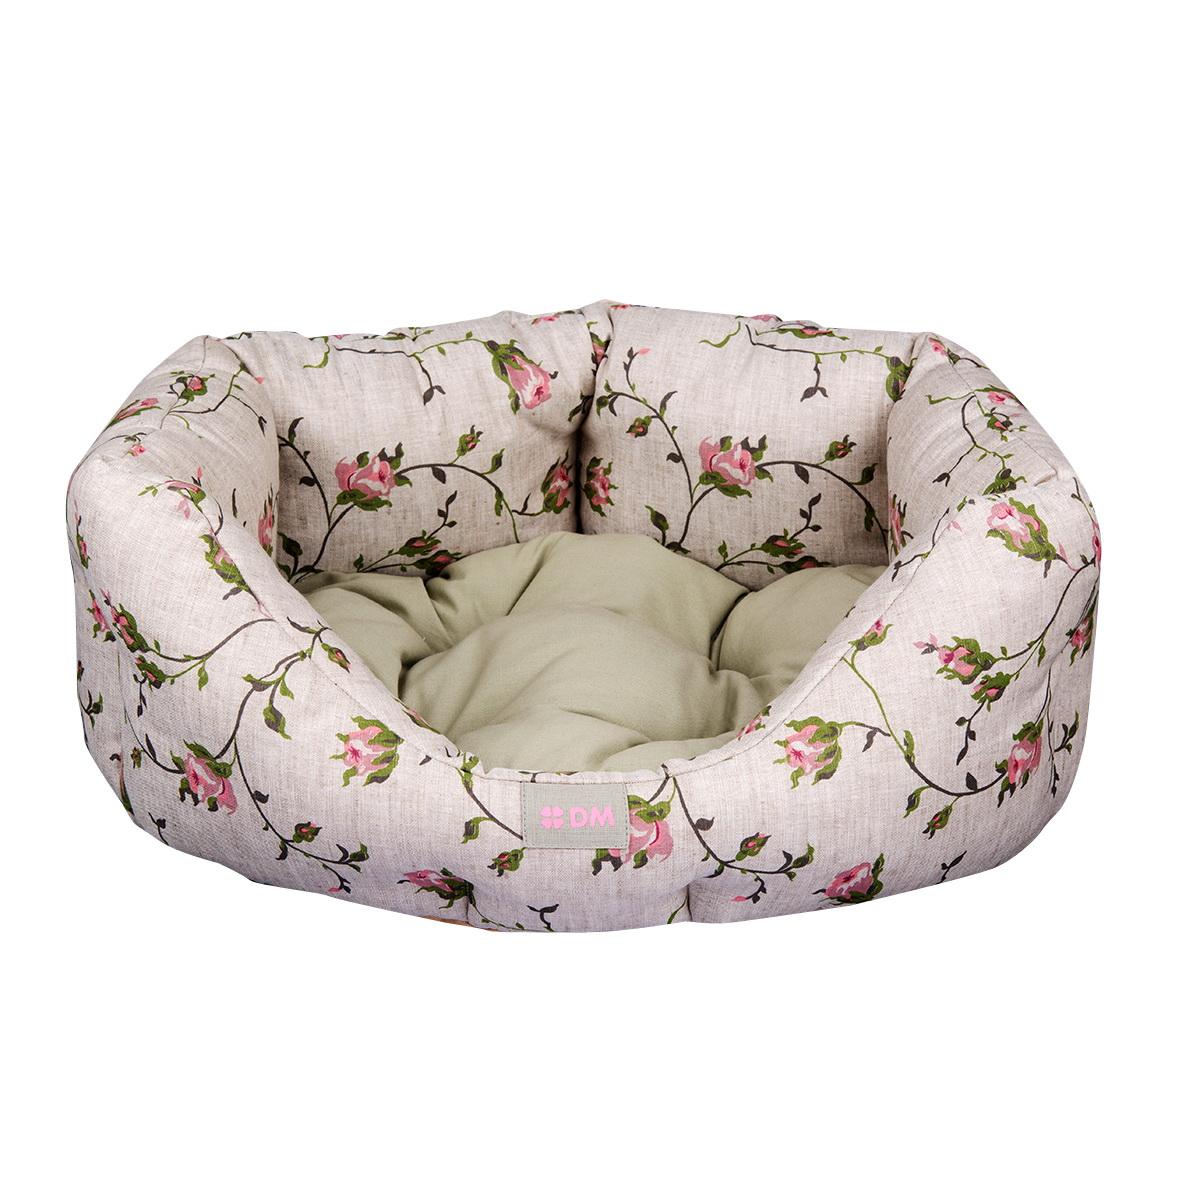 Лежак Dogmoda НежностьDM-160127Лежак Нежность предназначен для собак мелких пород и кошек. Выполнен из полульна с цветочным принтом. Наполнитель выполнен из полиэфирного волокна. Лежак очень удобный, уютный и оснащен высокими бортиками. Ваш любимец сразу же захочет забраться на лежак